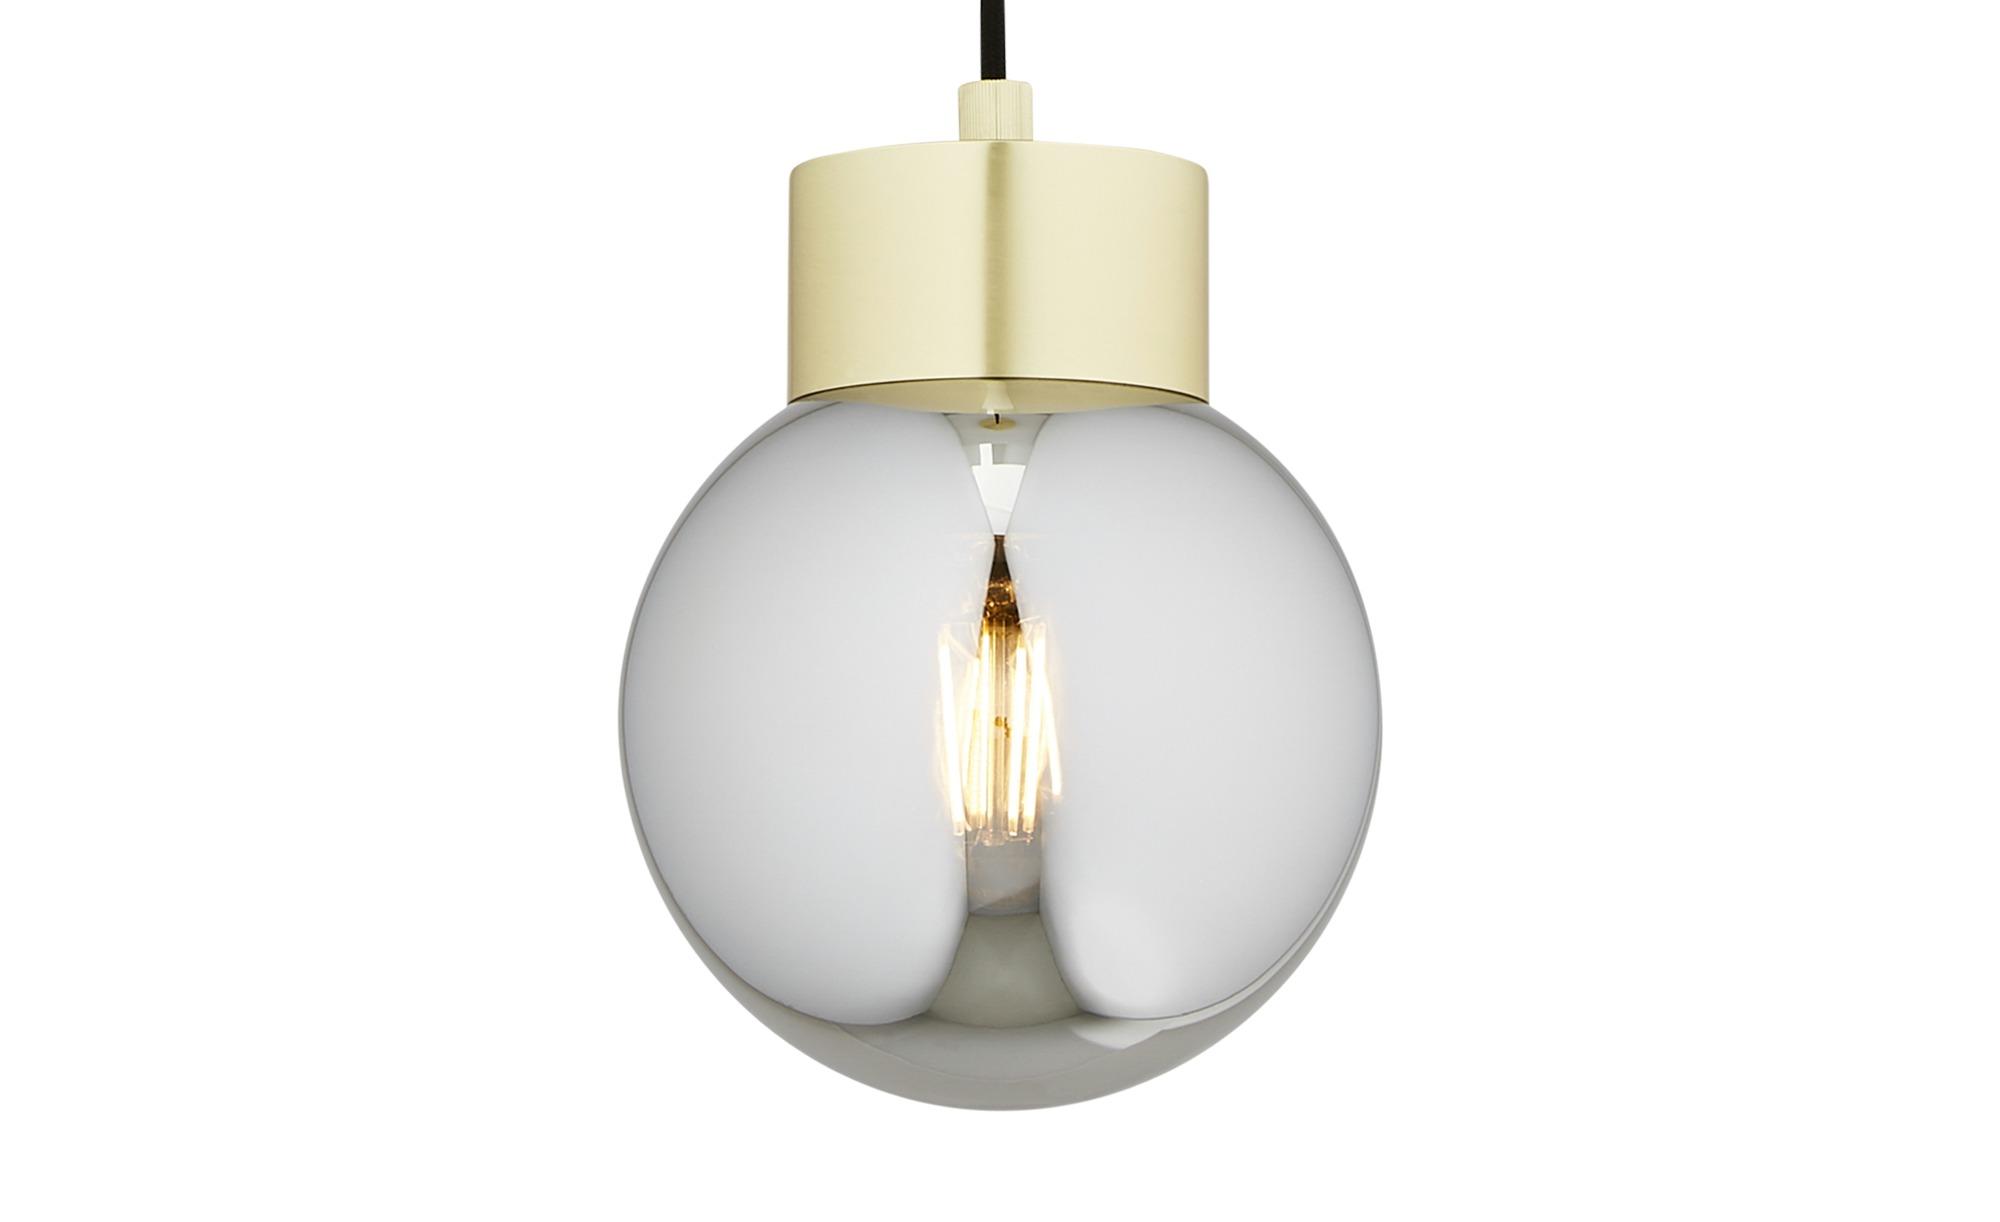 Pendelleuchte, 1-flammig, messing-matt mit Rauchglas ¦ gold ¦ Maße (cm): H: 150 Ø: 16.5 Lampen & Leuchten > Innenleuchten > Pendelleuchten - Höffner